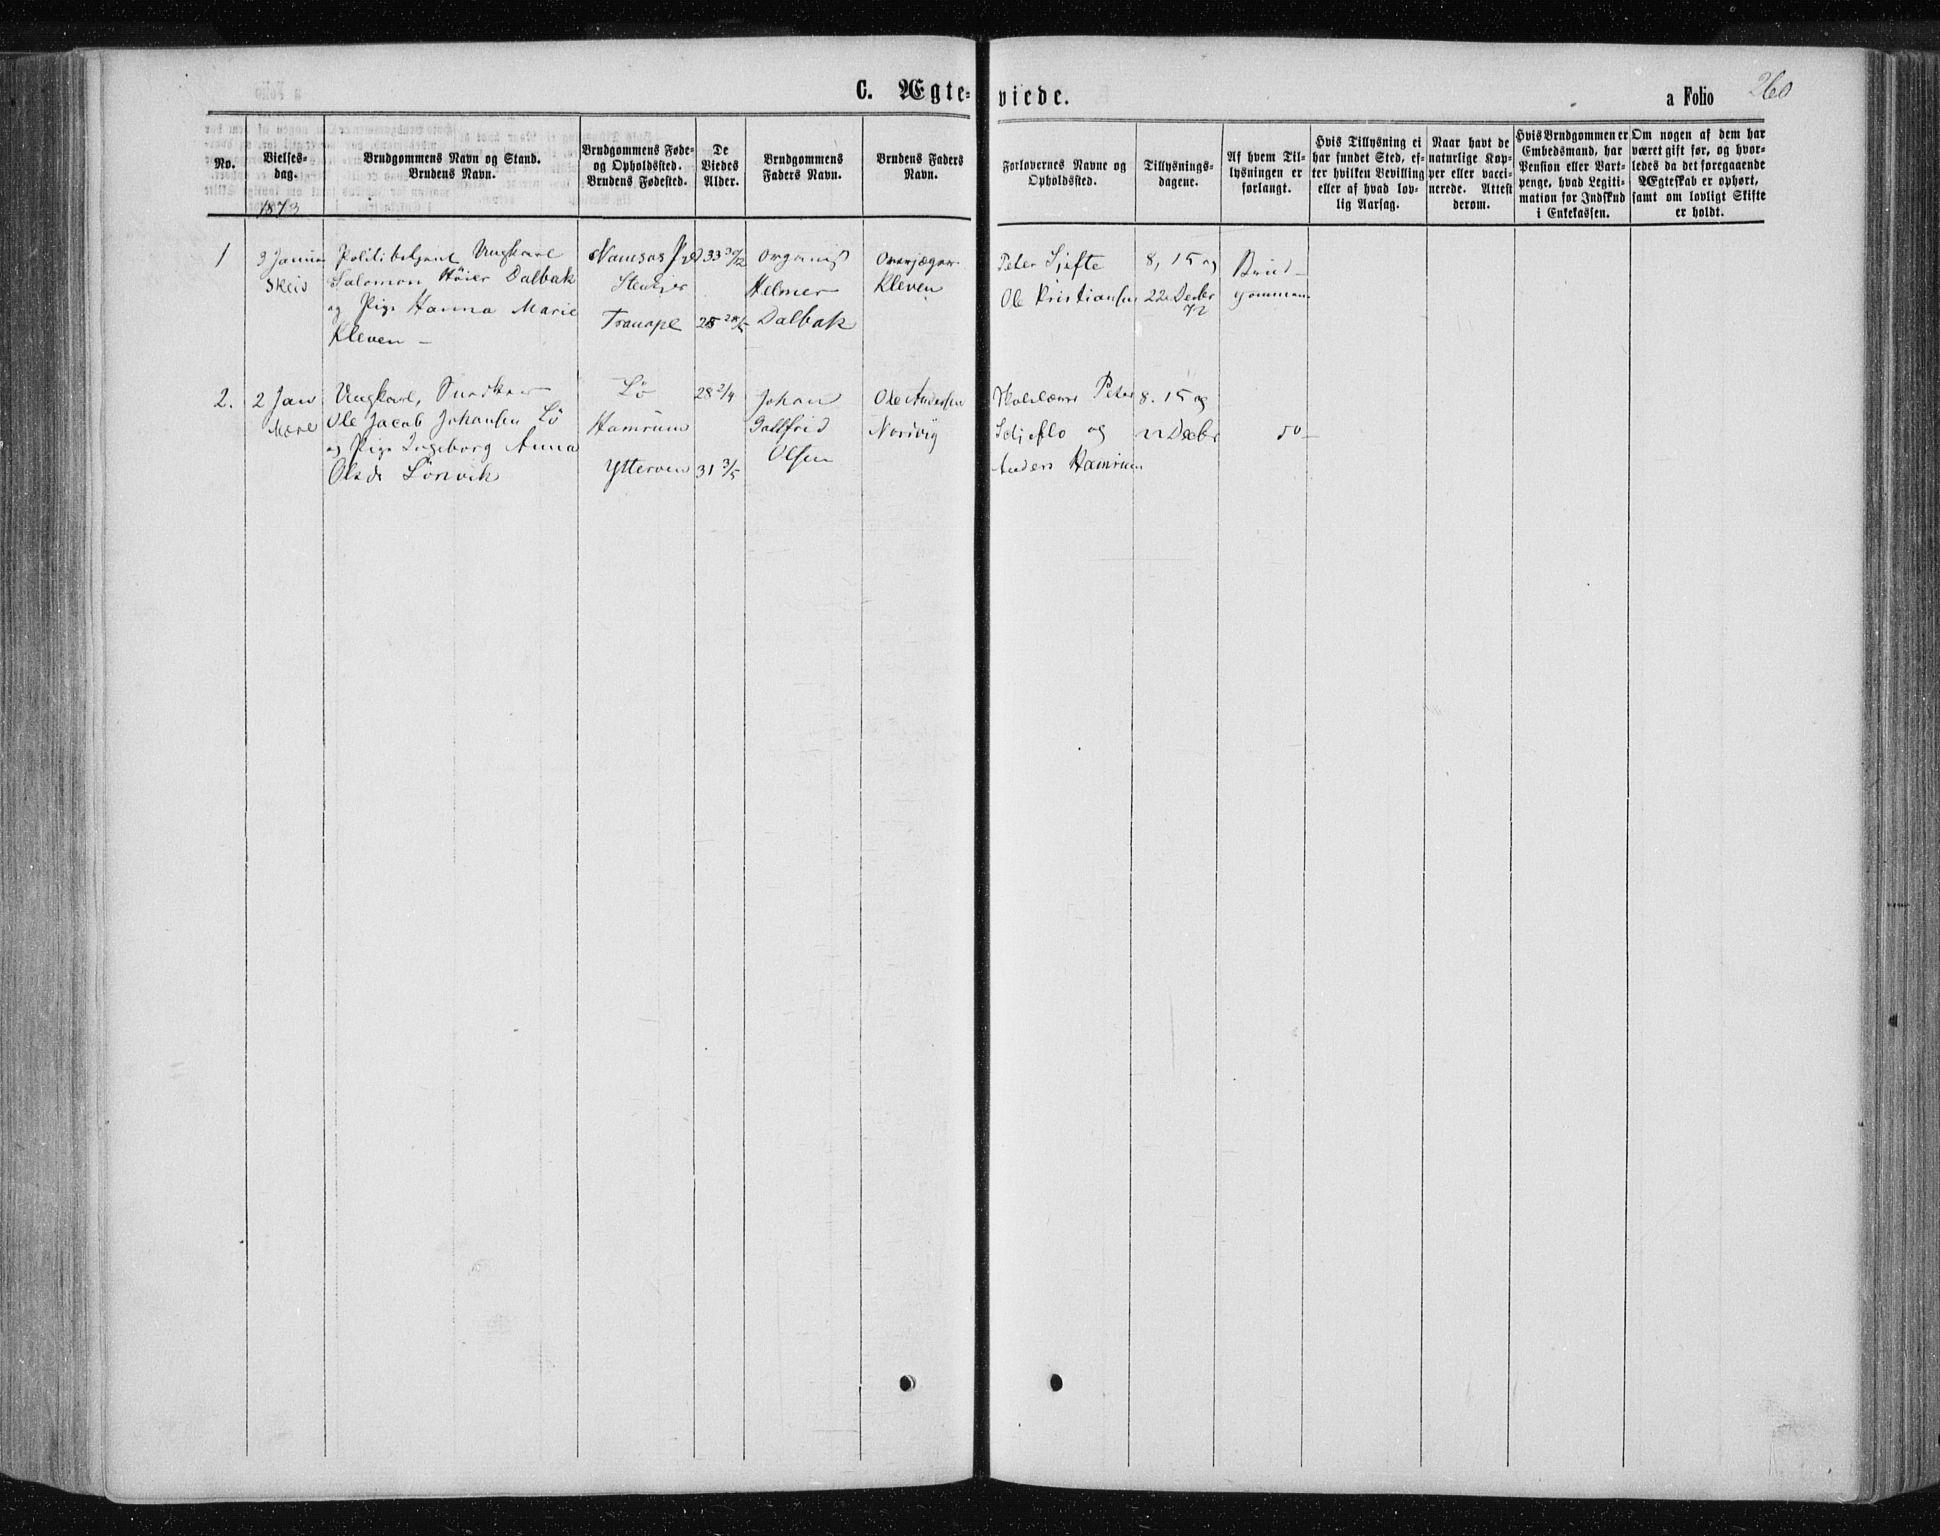 SAT, Ministerialprotokoller, klokkerbøker og fødselsregistre - Nord-Trøndelag, 735/L0345: Ministerialbok nr. 735A08 /1, 1863-1872, s. 260